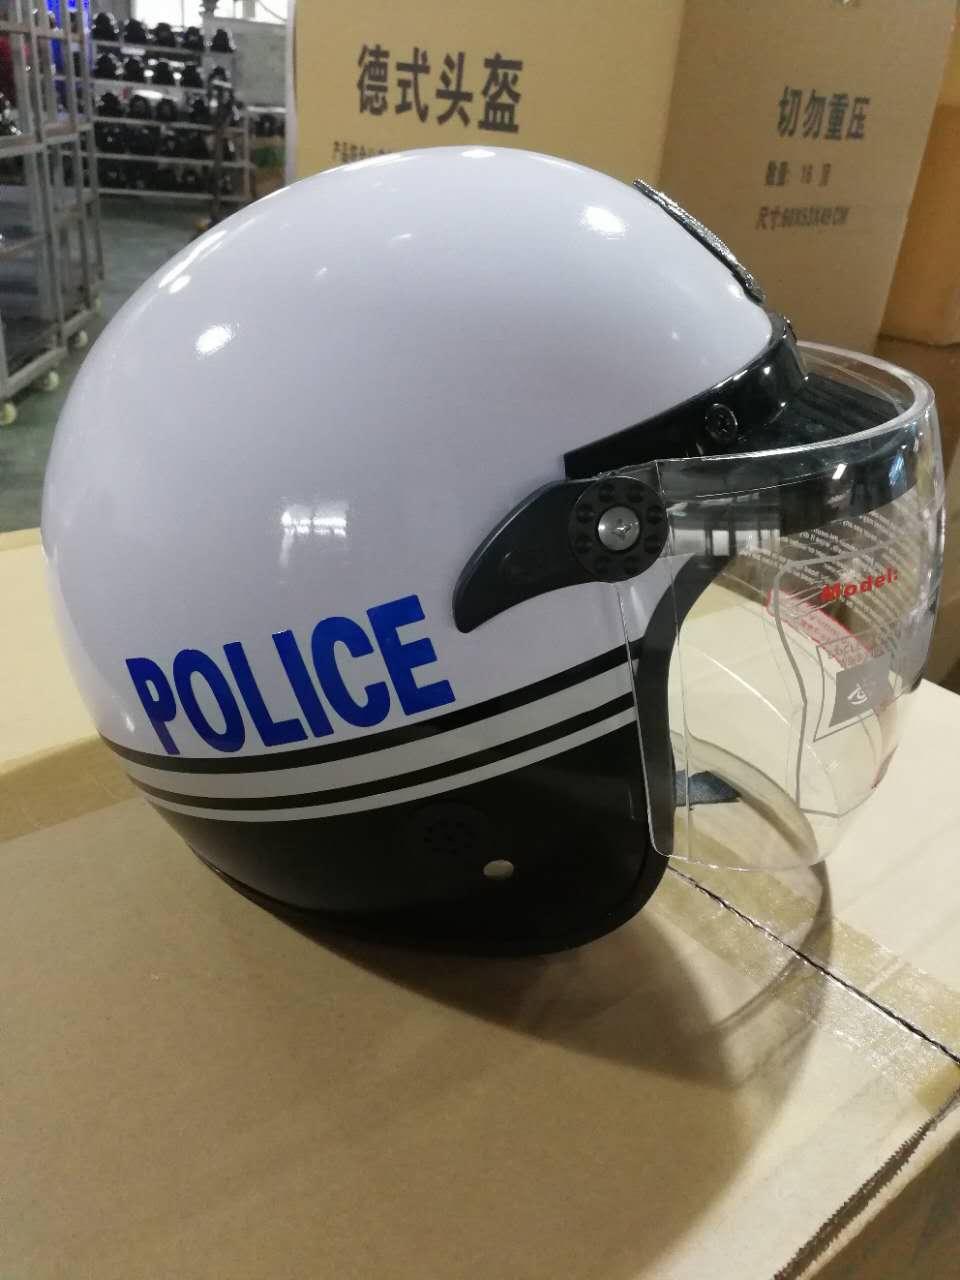 军用摩托车 通讯头盔